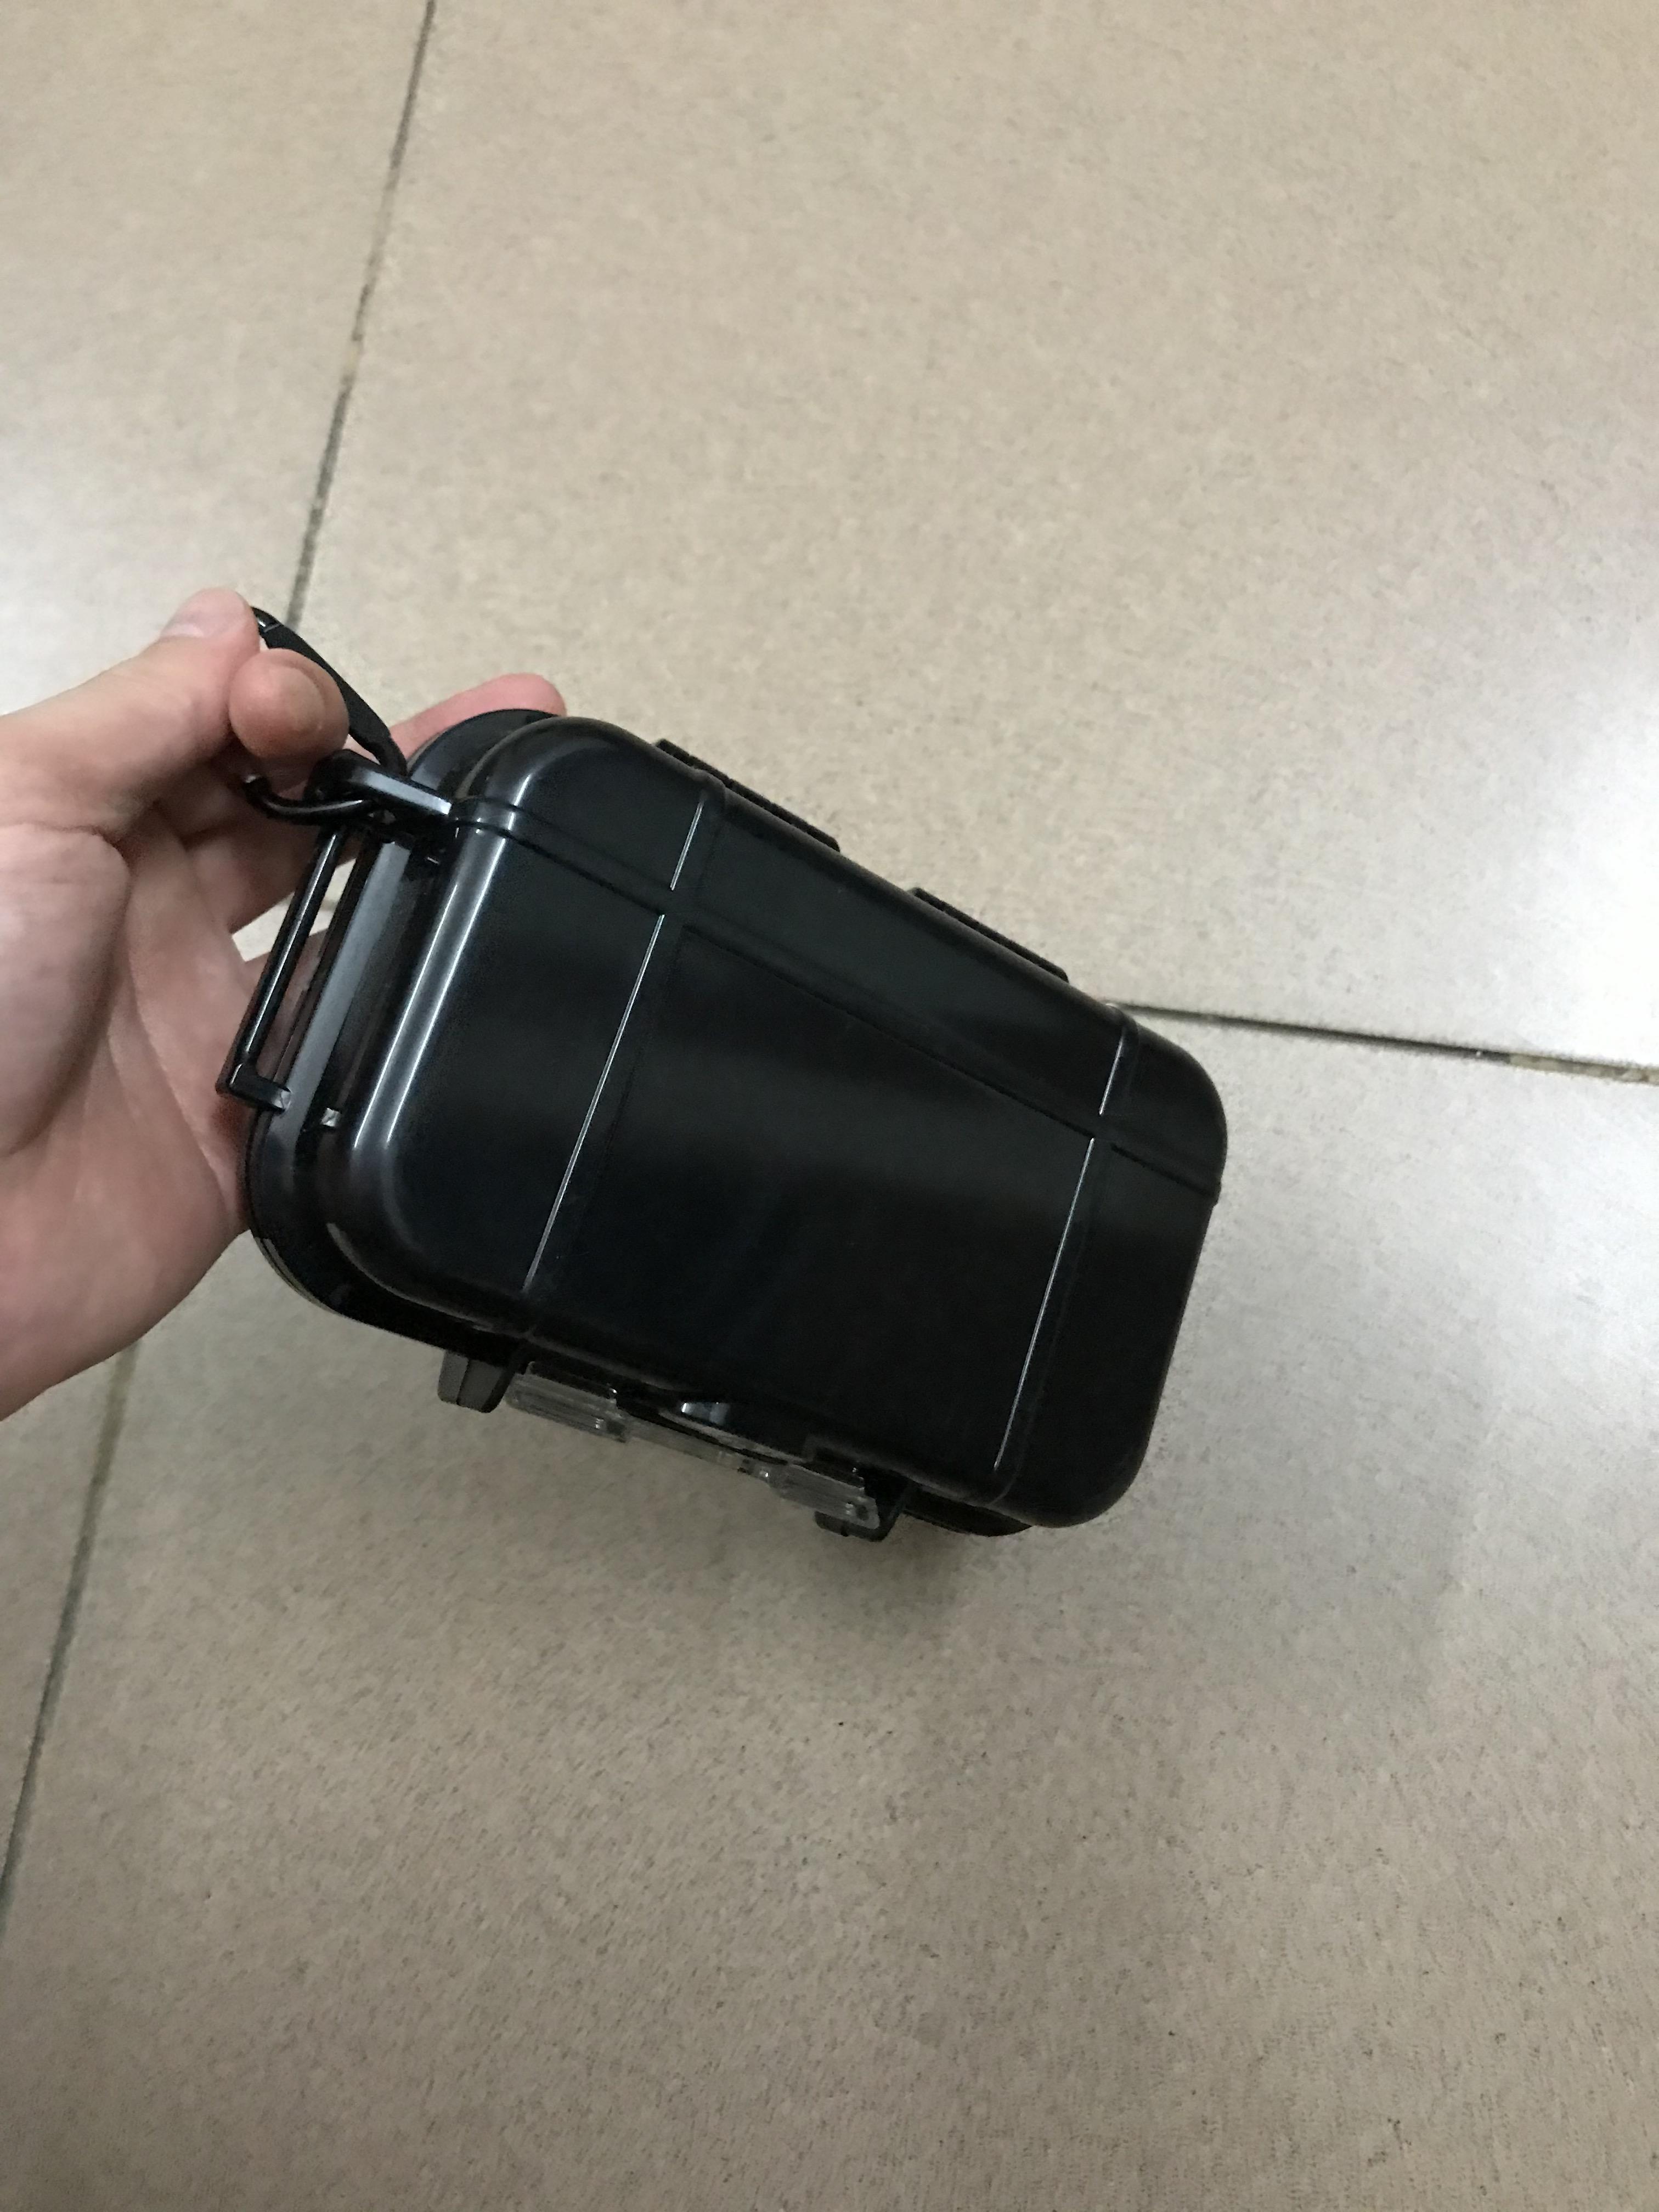 في الهواء الطلق البلاستيك للماء محكم بقاء حالة الحاويات التخييم في الهواء الطلق السفر صندوق تخزين